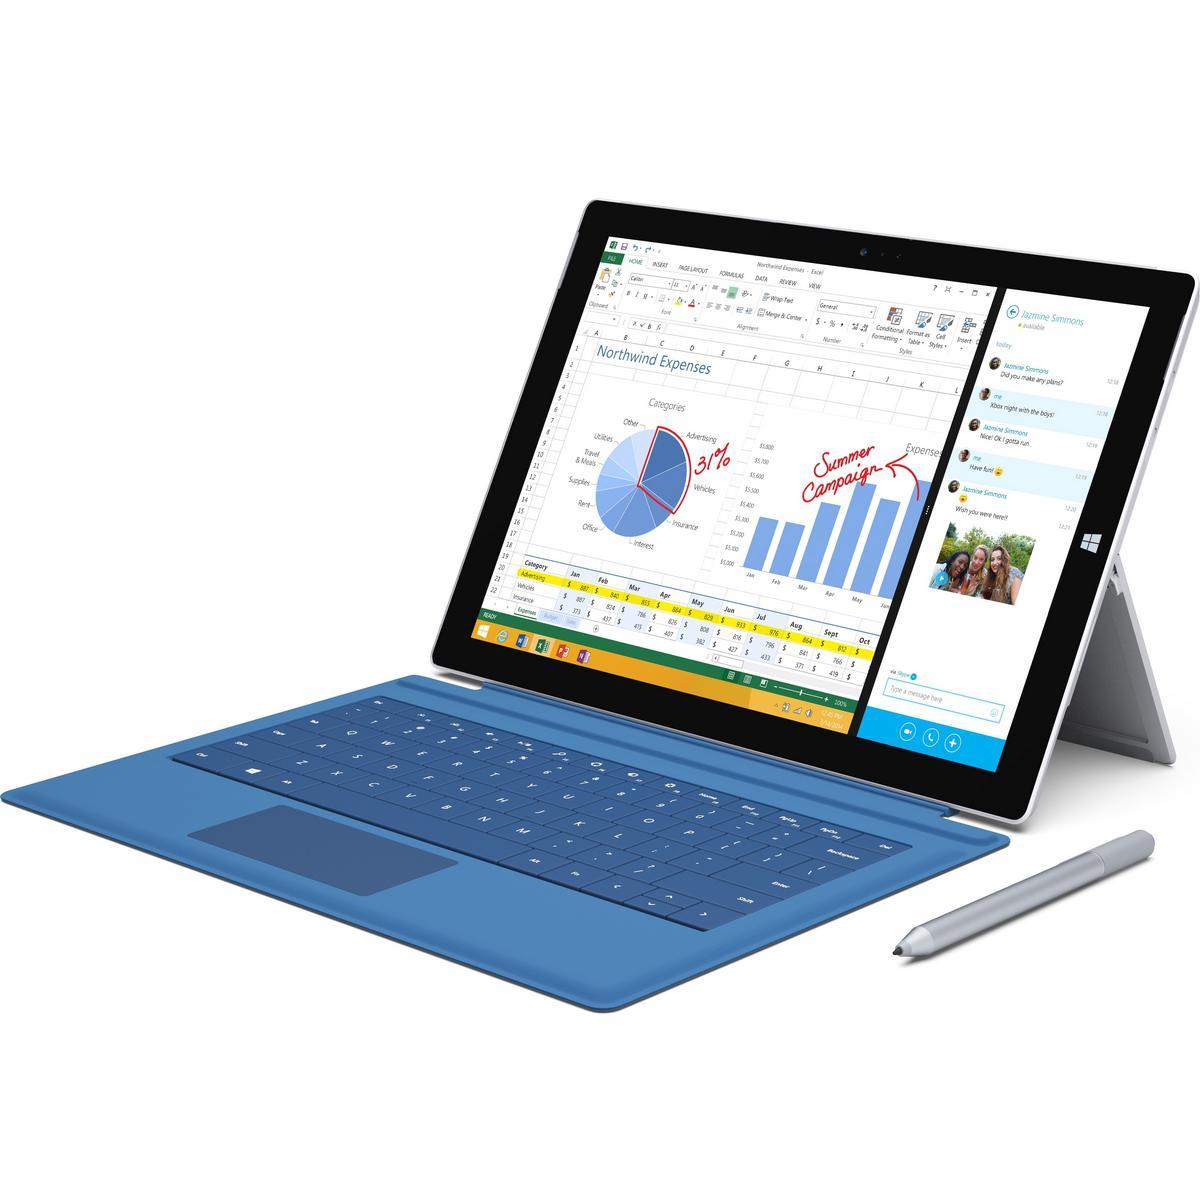 20% de réduction sur les Microsoft Surface Pro 3 - Ex: modèle 64 Go, 4 Go de RAM, i3